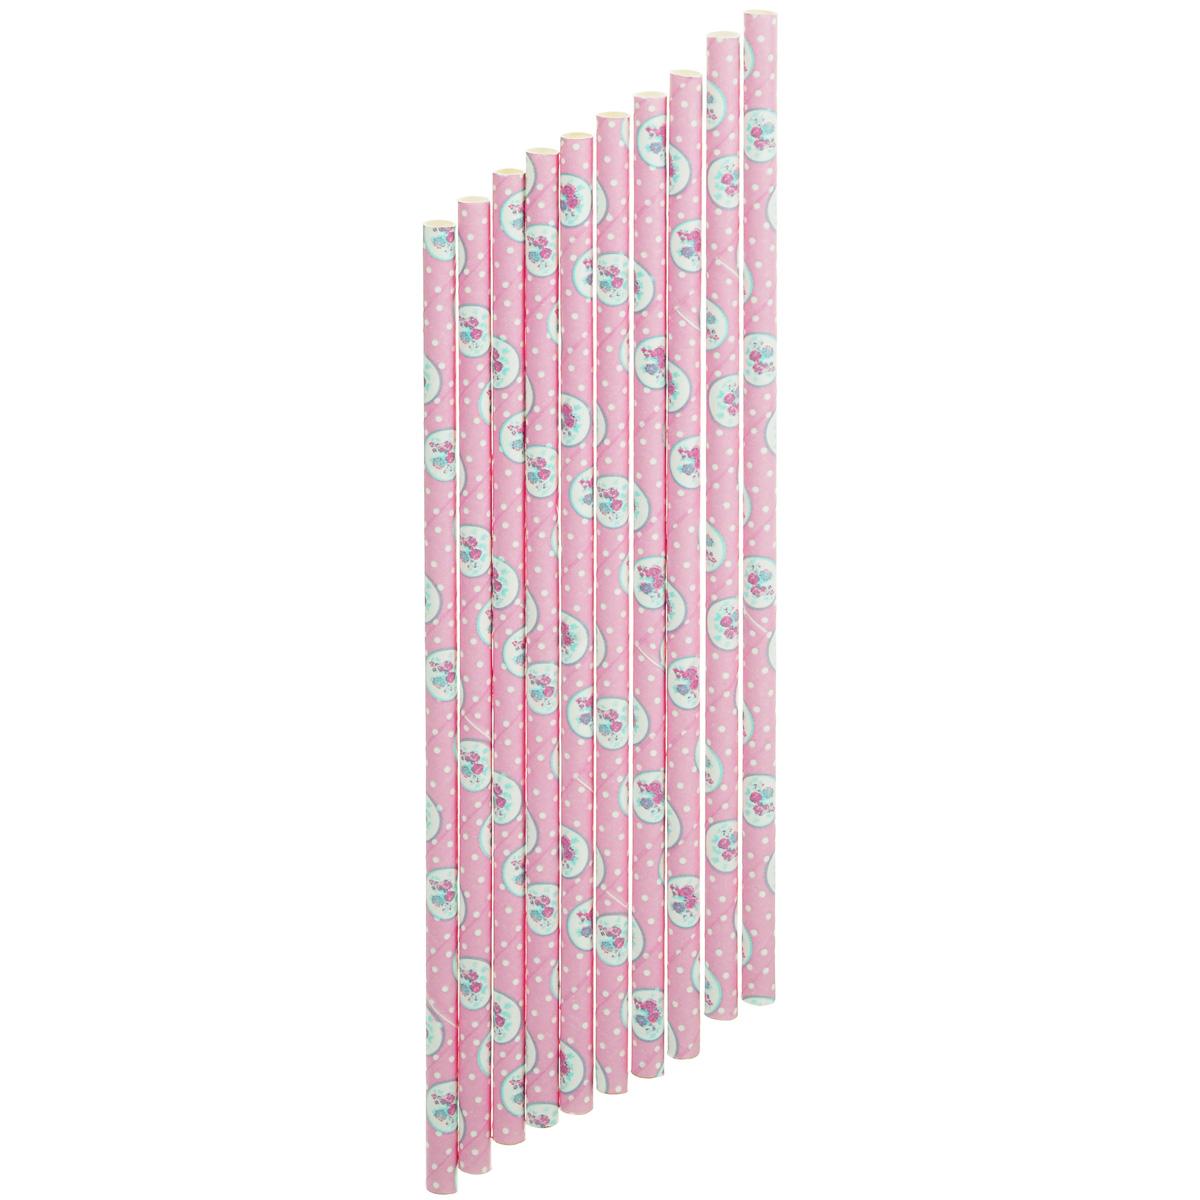 Набор бумажных трубочек Dolce Arti Розовый ветер, 10 штDA040223Набор Dolce Arti Розовый ветер состоит из 10 бумажных трубочек, предназначенных для напитков. Цветные трубочки станут не только эффектным украшением коктейлей, но и ярким штрихом вашего сладкого стола. С набором Dolce Arti Розовый ветер ваш праздник станет по-настоящему красочным! Длина трубочки: 19,5 см. Диаметр трубочки: 5 мм.